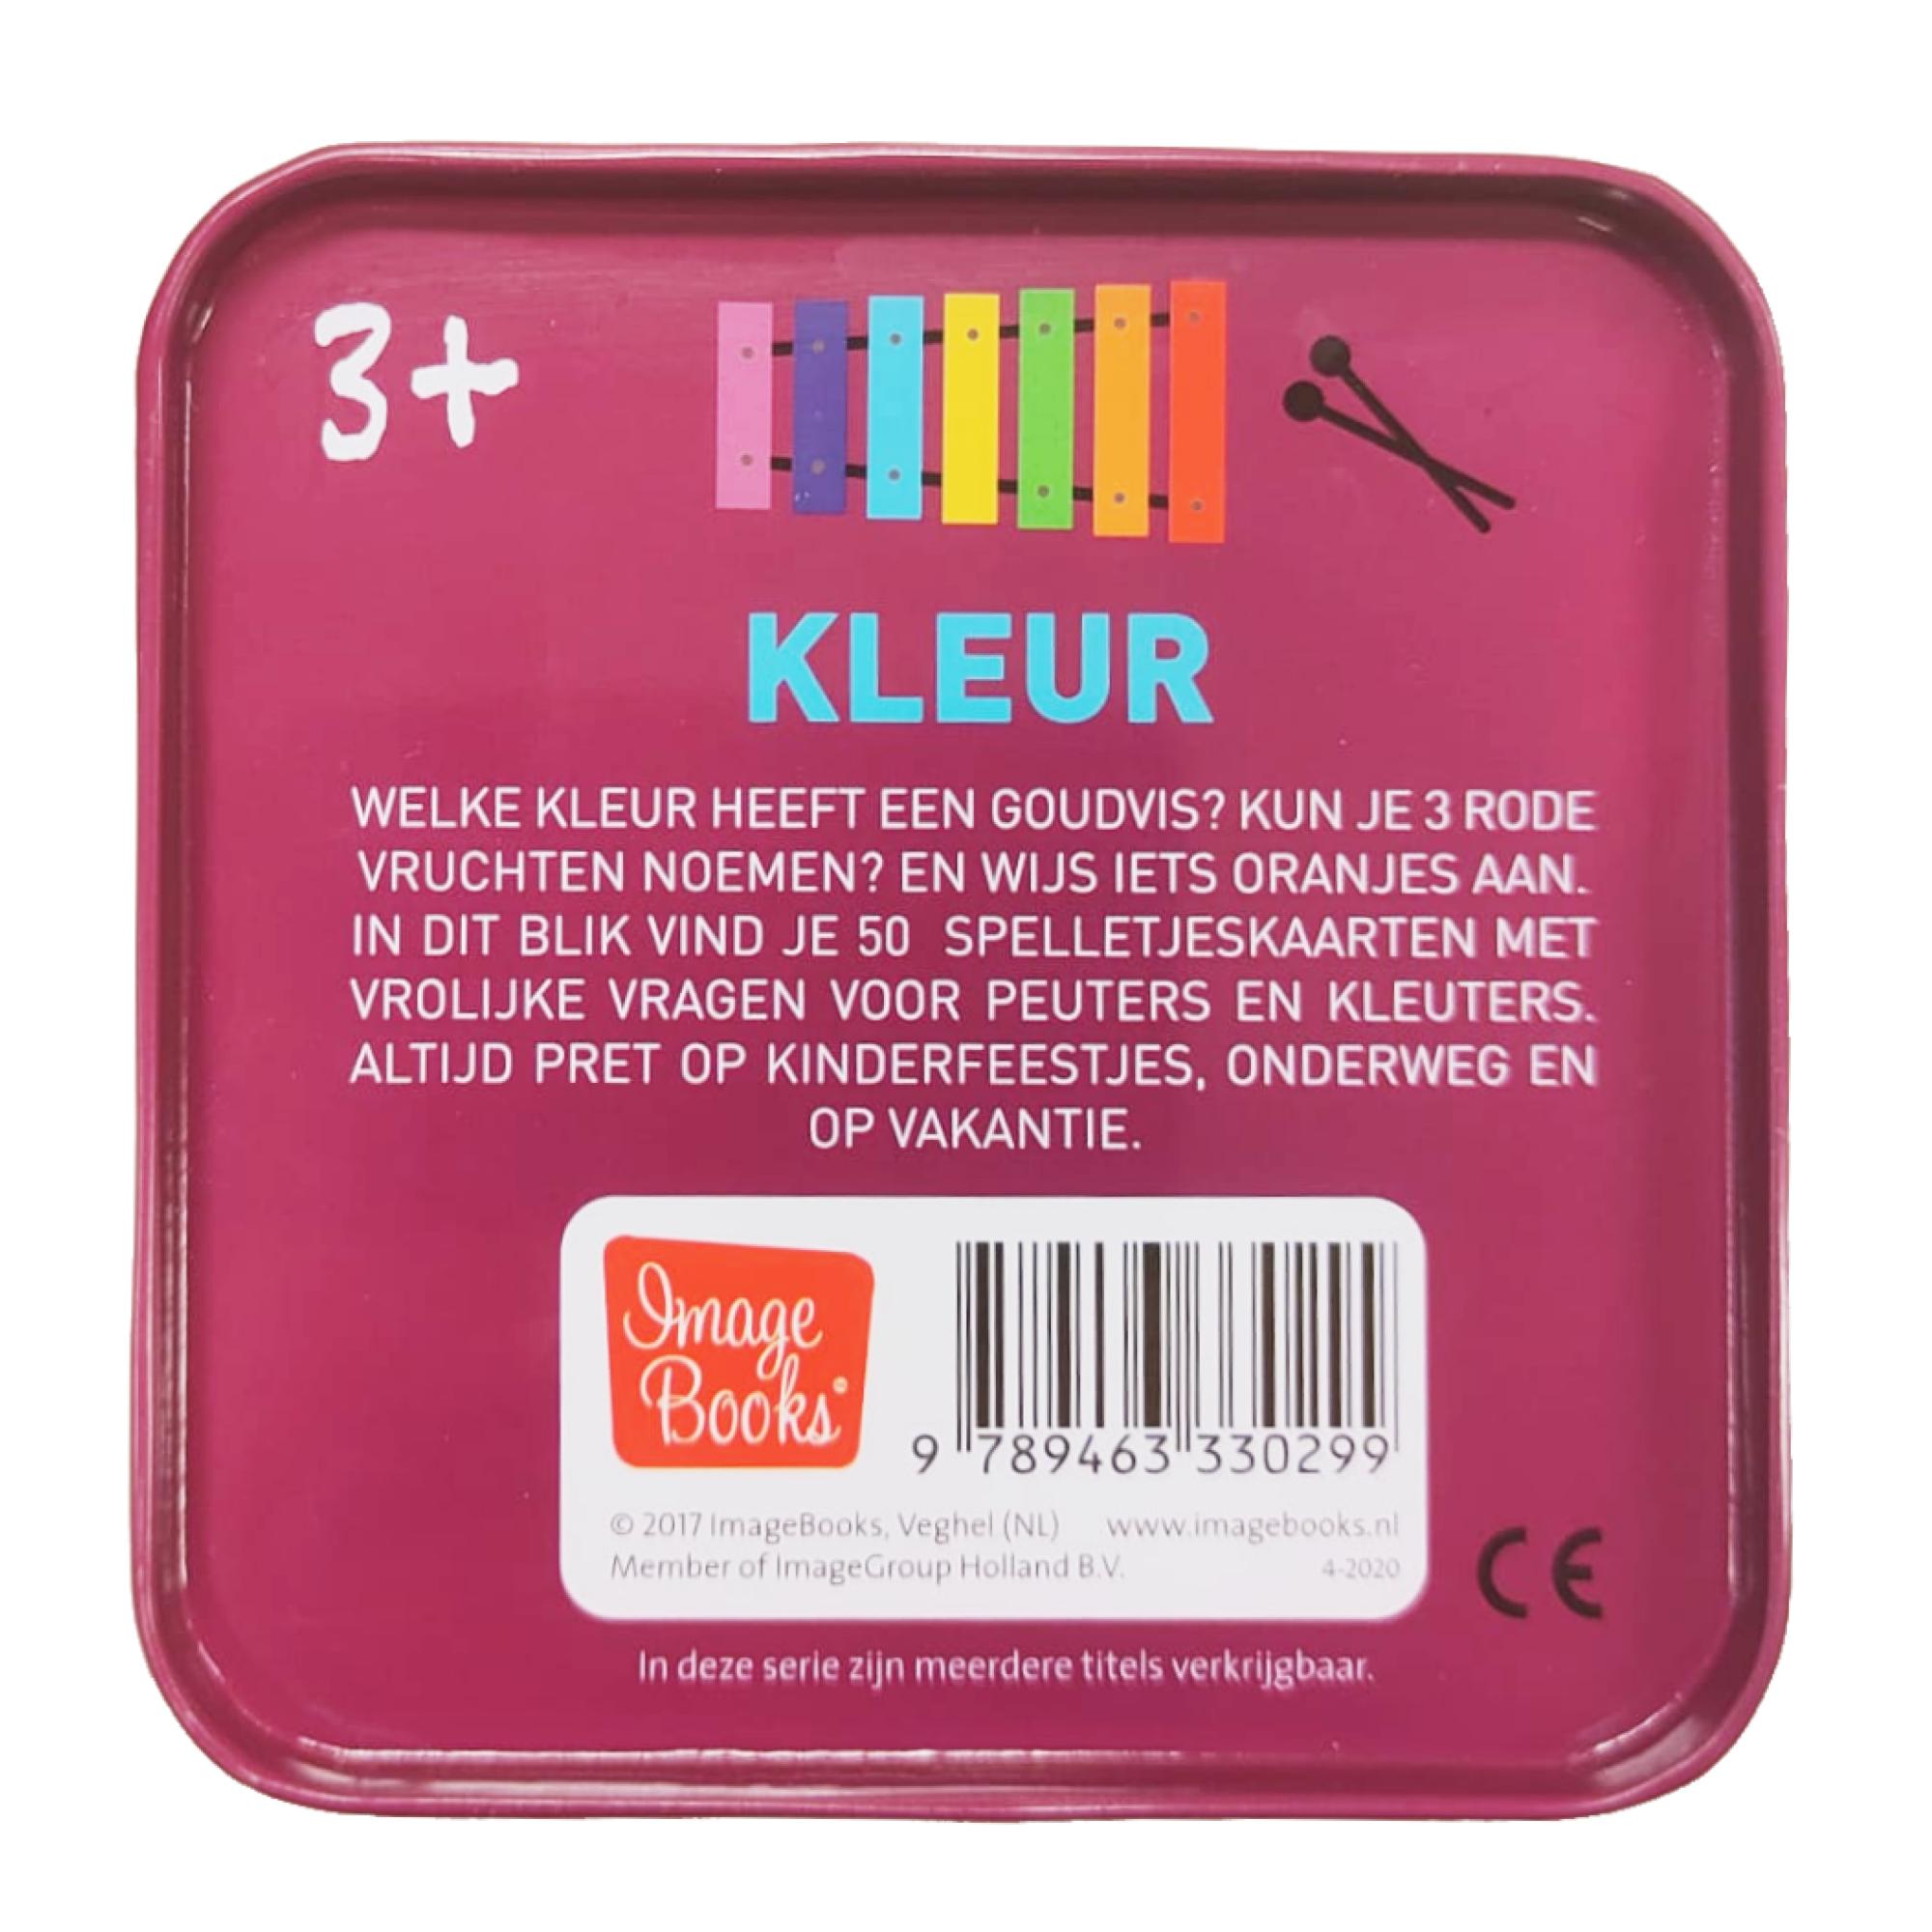 Imagebooks Spelletjes kaarten in blikje - Kleur - 3+